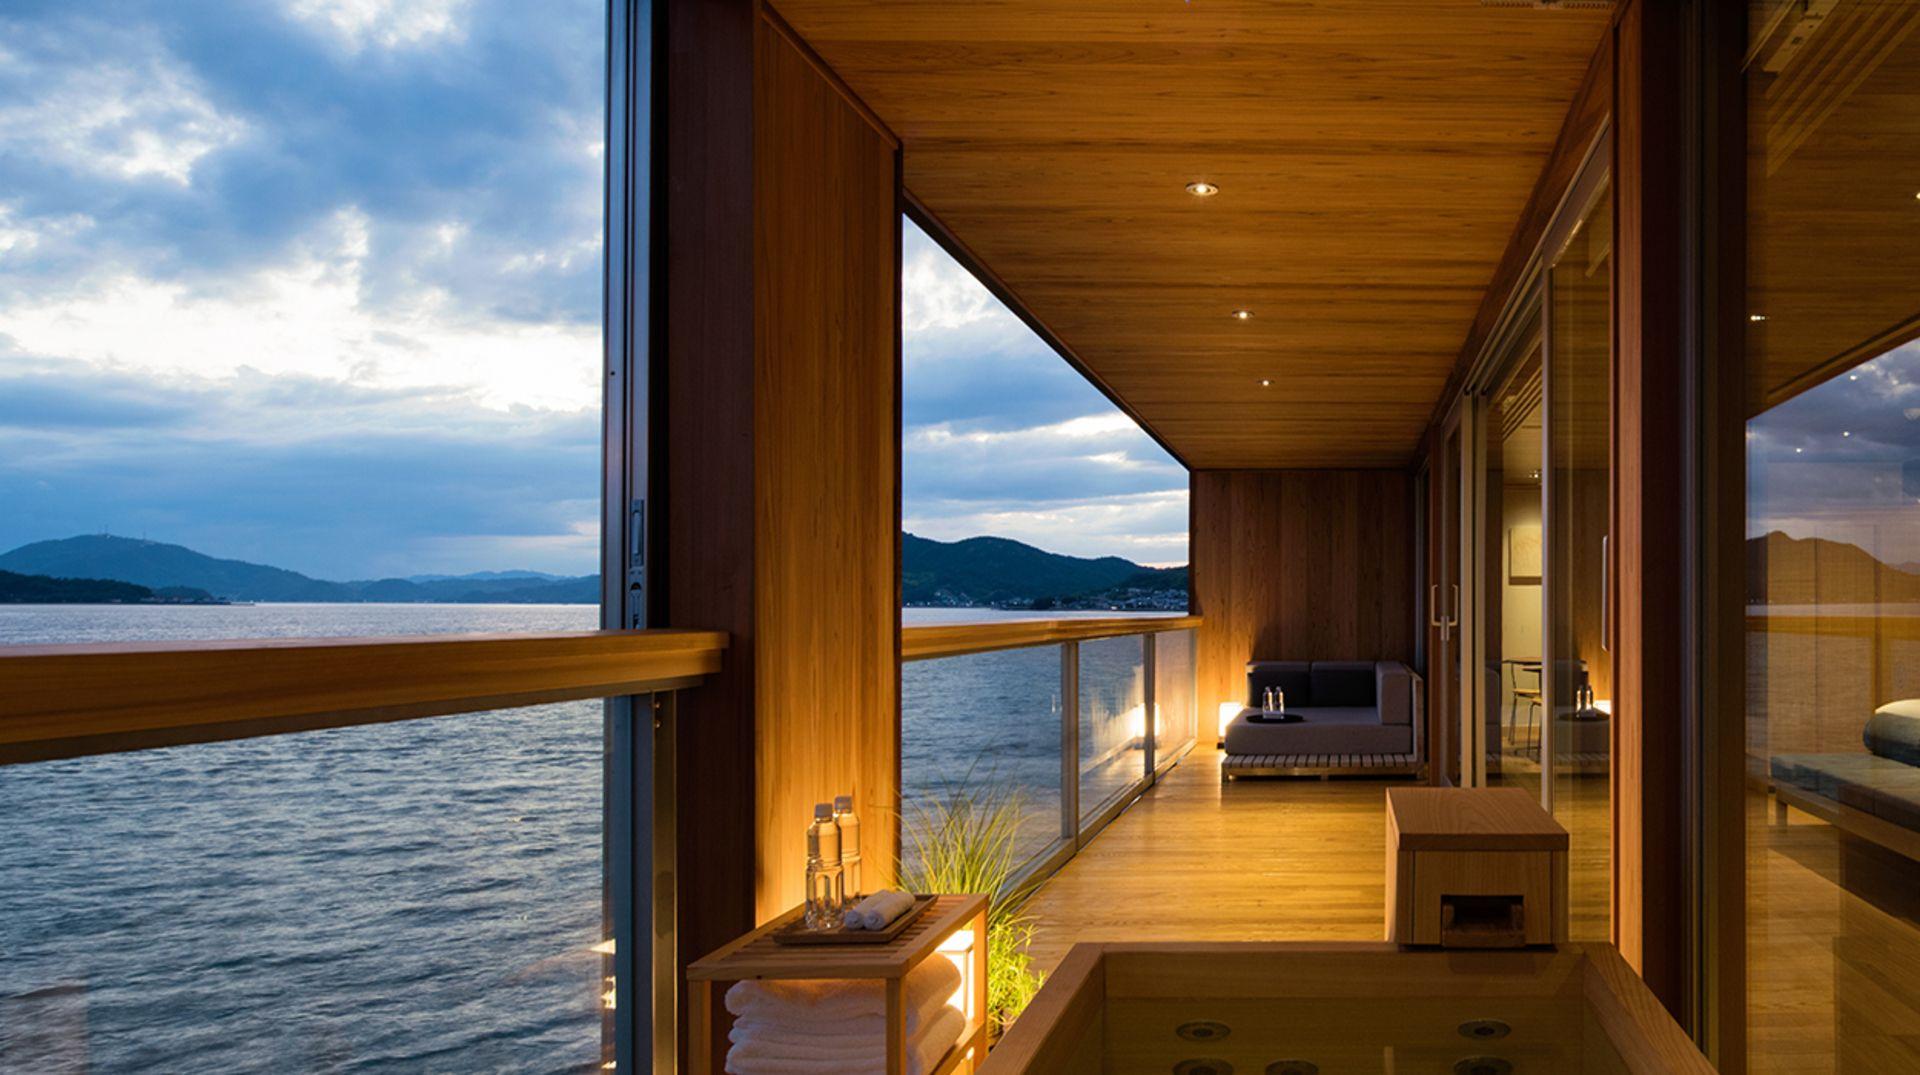 Guntu, il floating hotel che naviga le coste giapponesi | Collater.al 1